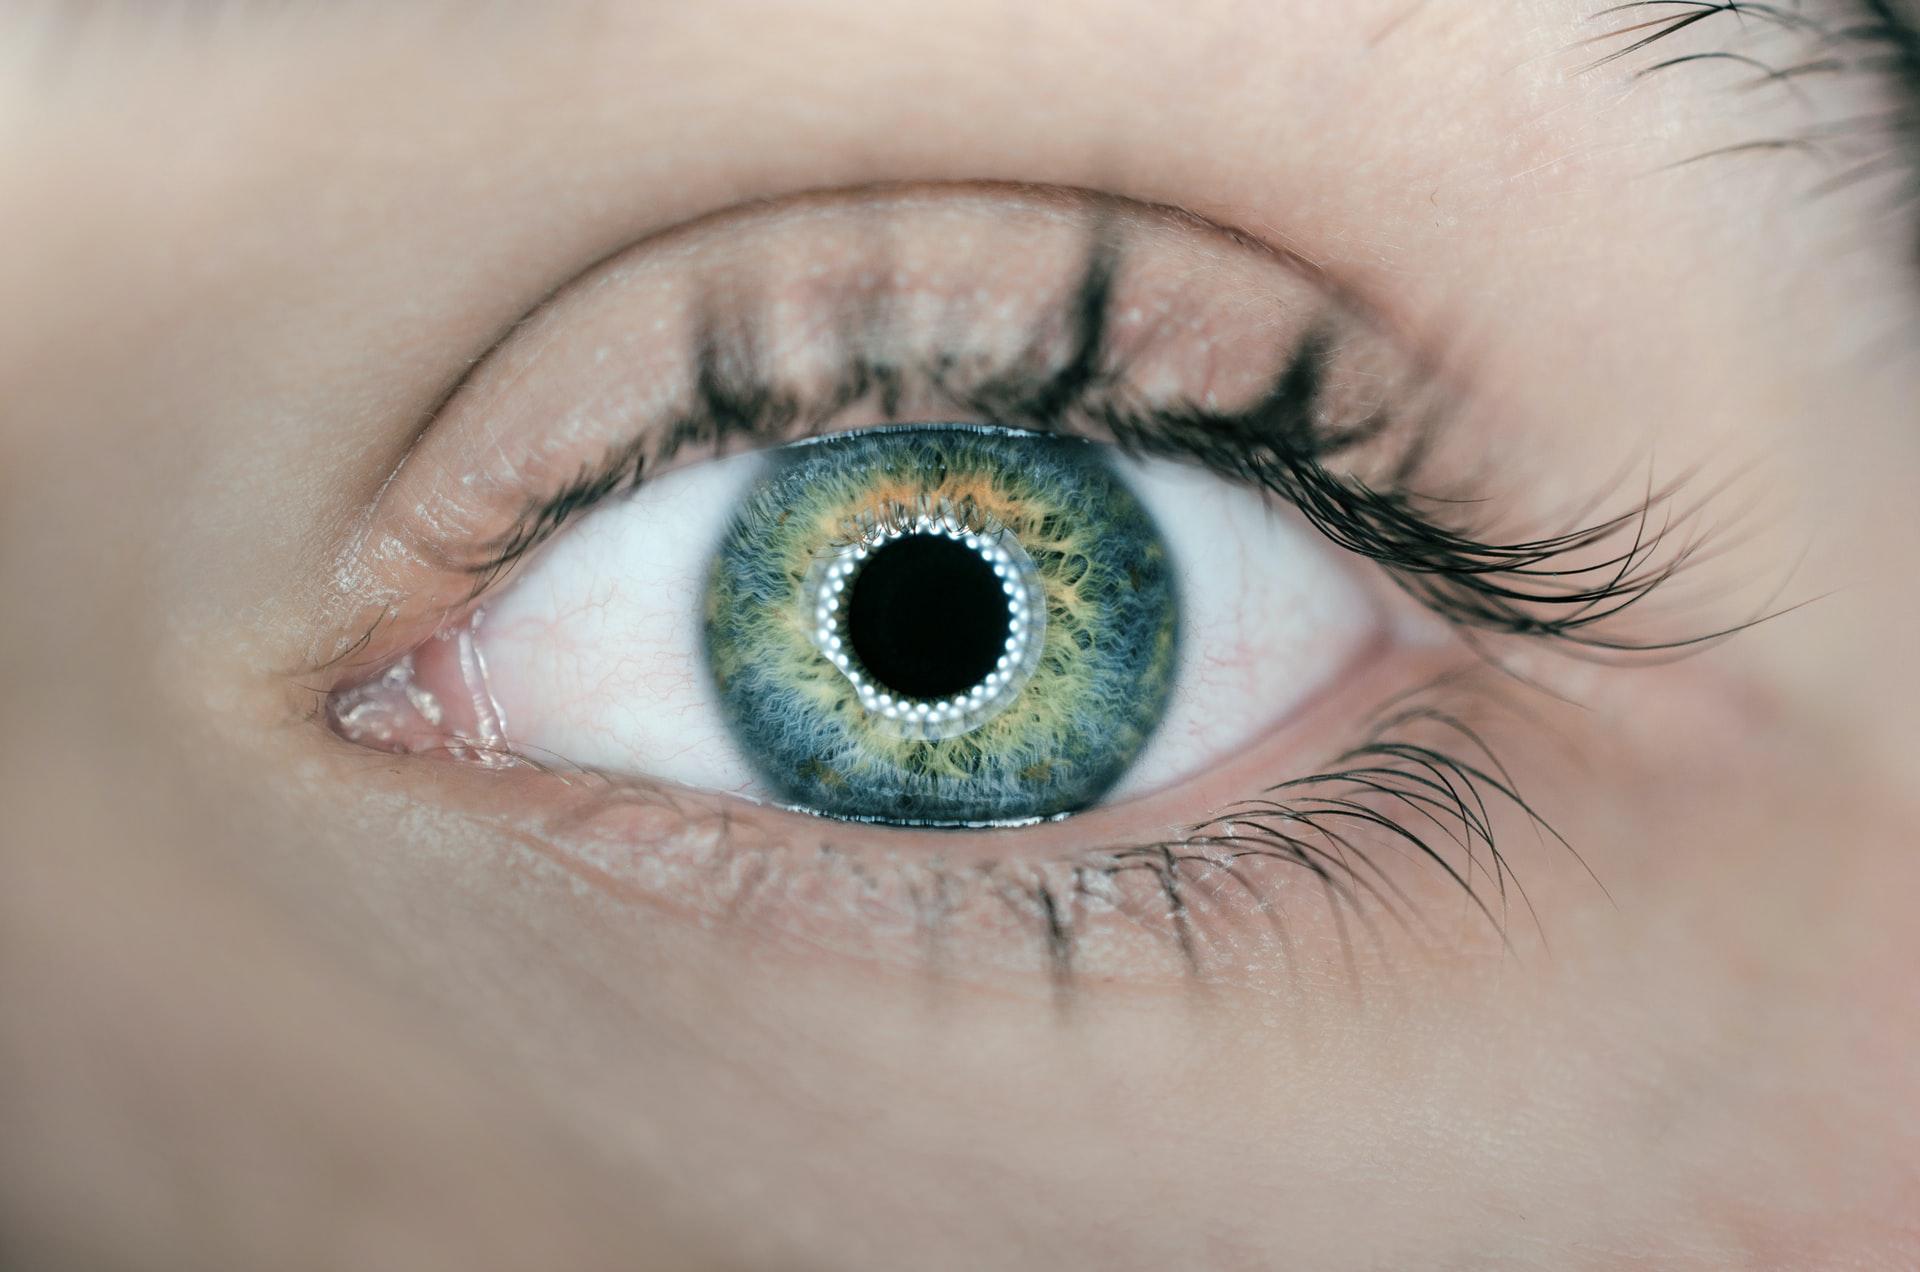 ennek eredményeként hogyan romlik a látás a glaukóma myopia vagy hyperopia